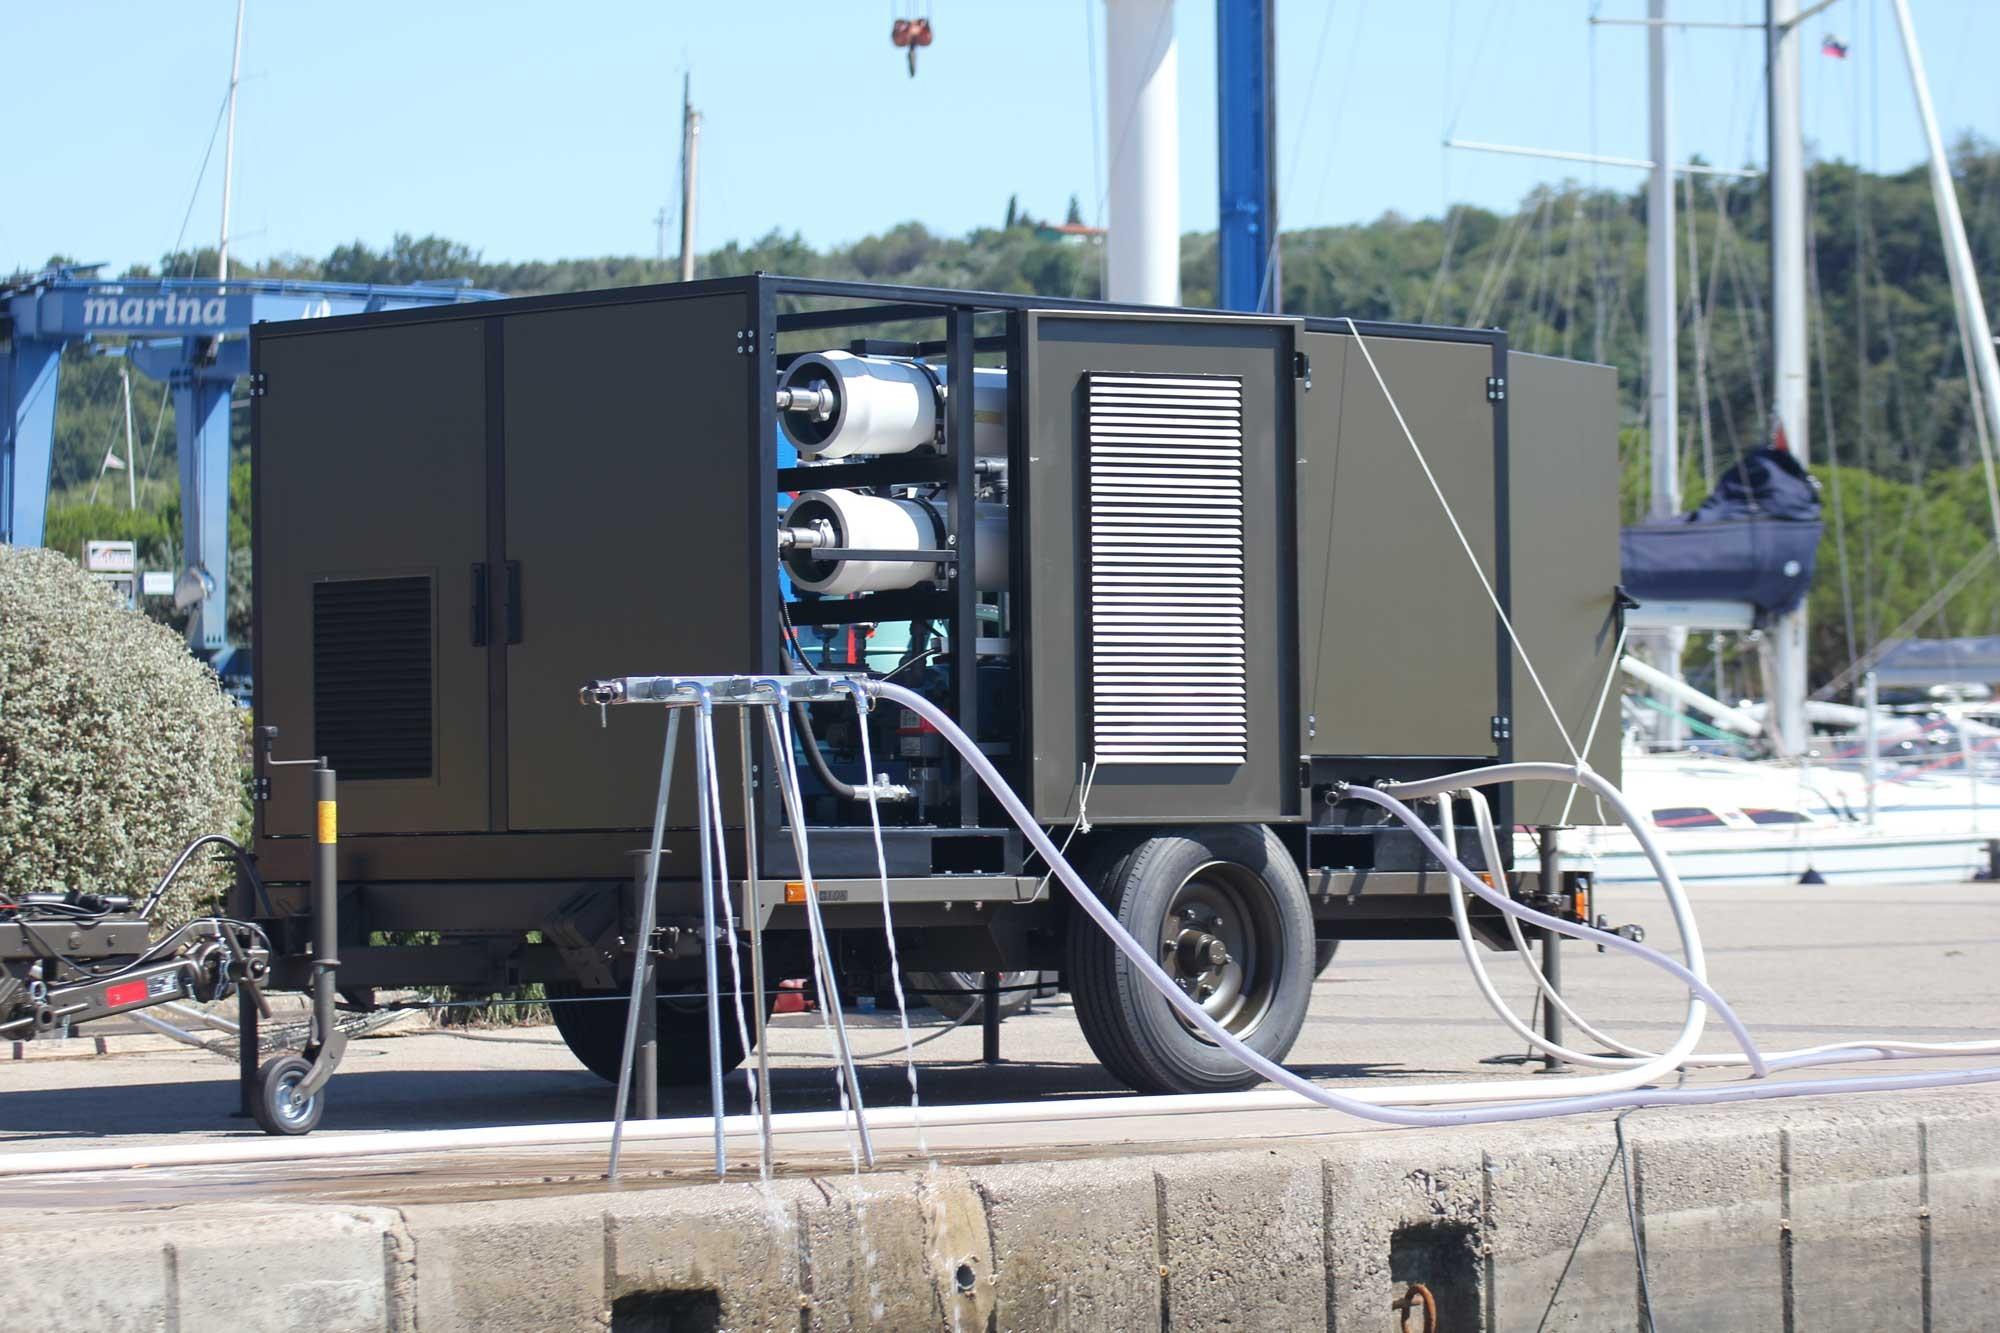 RO-Hybrid-4000_marina-portoroz_2